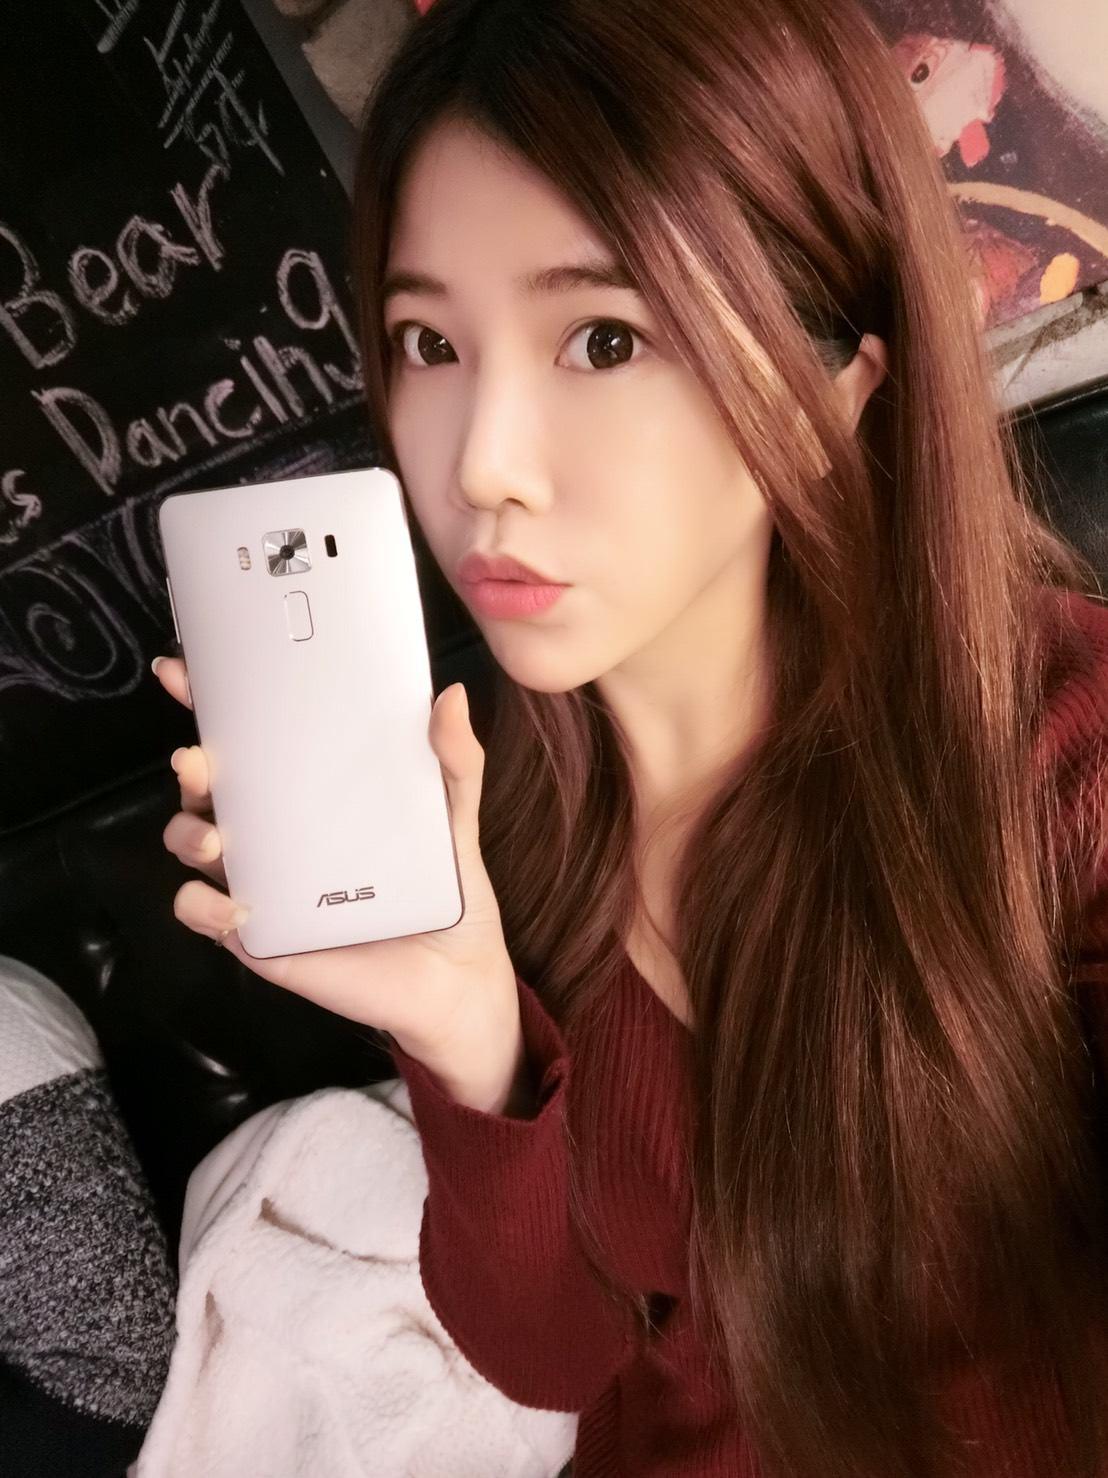 [花新機]媲美相機的冰河銀裸時尚手機-ASUS  ZenFone 3 Deluxe ZS570KL